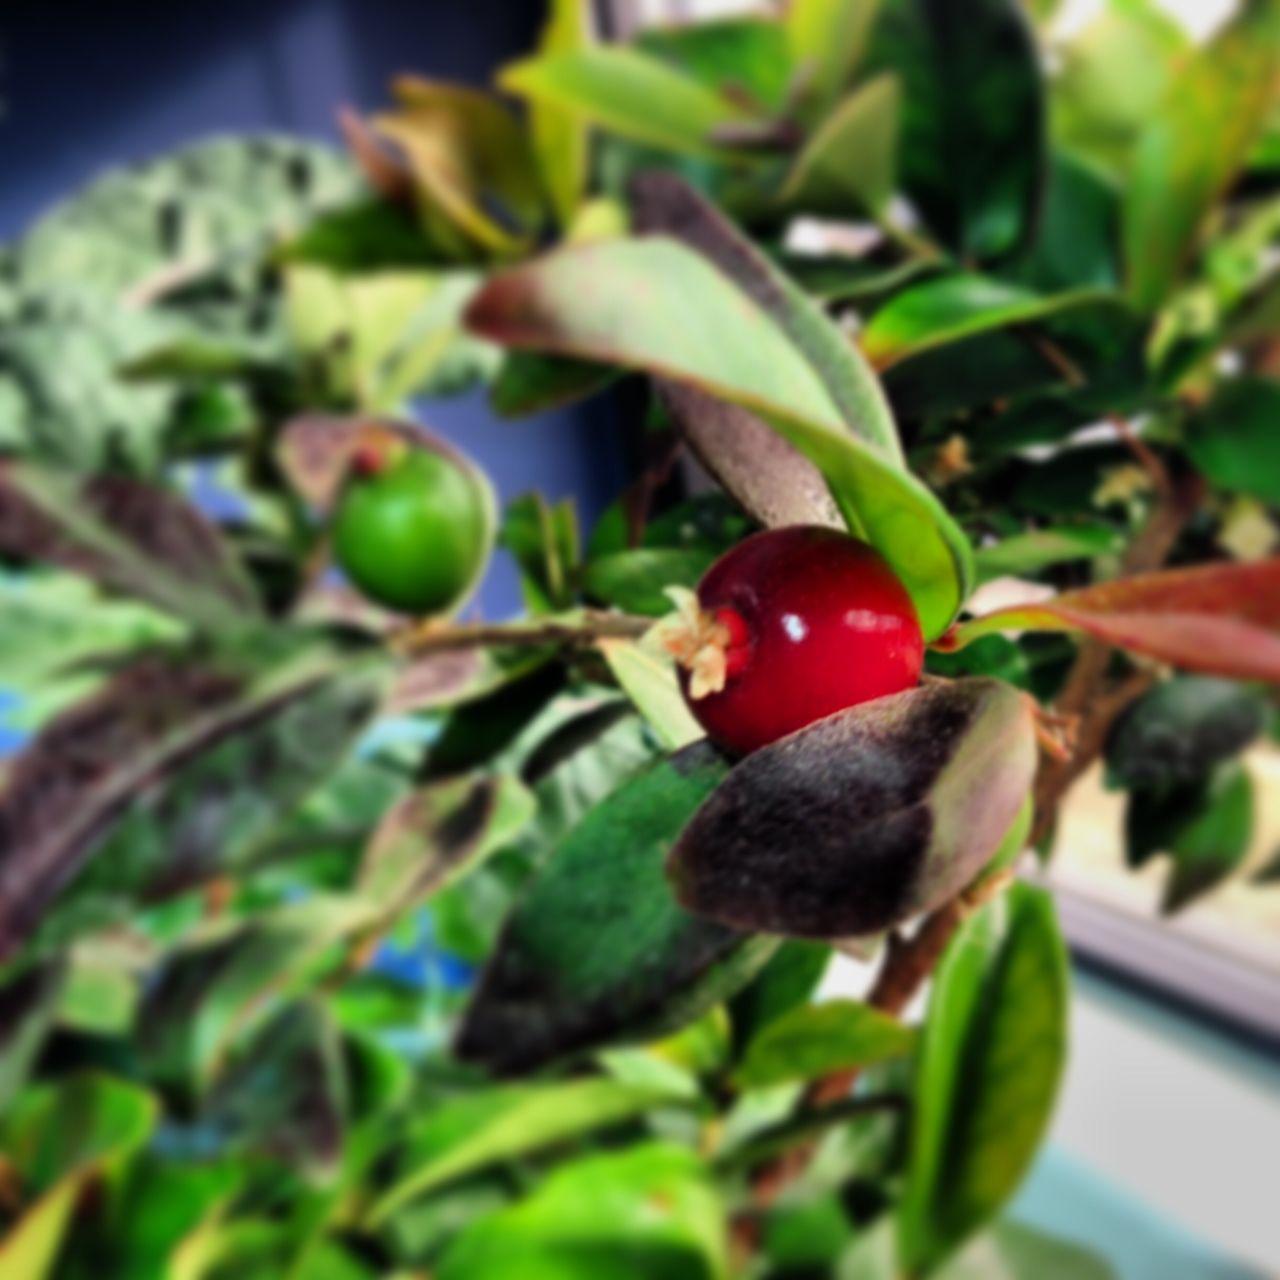 #aquaponics #aquaponic #hydroponics #aquaculture #food #veggies #fruit #organic